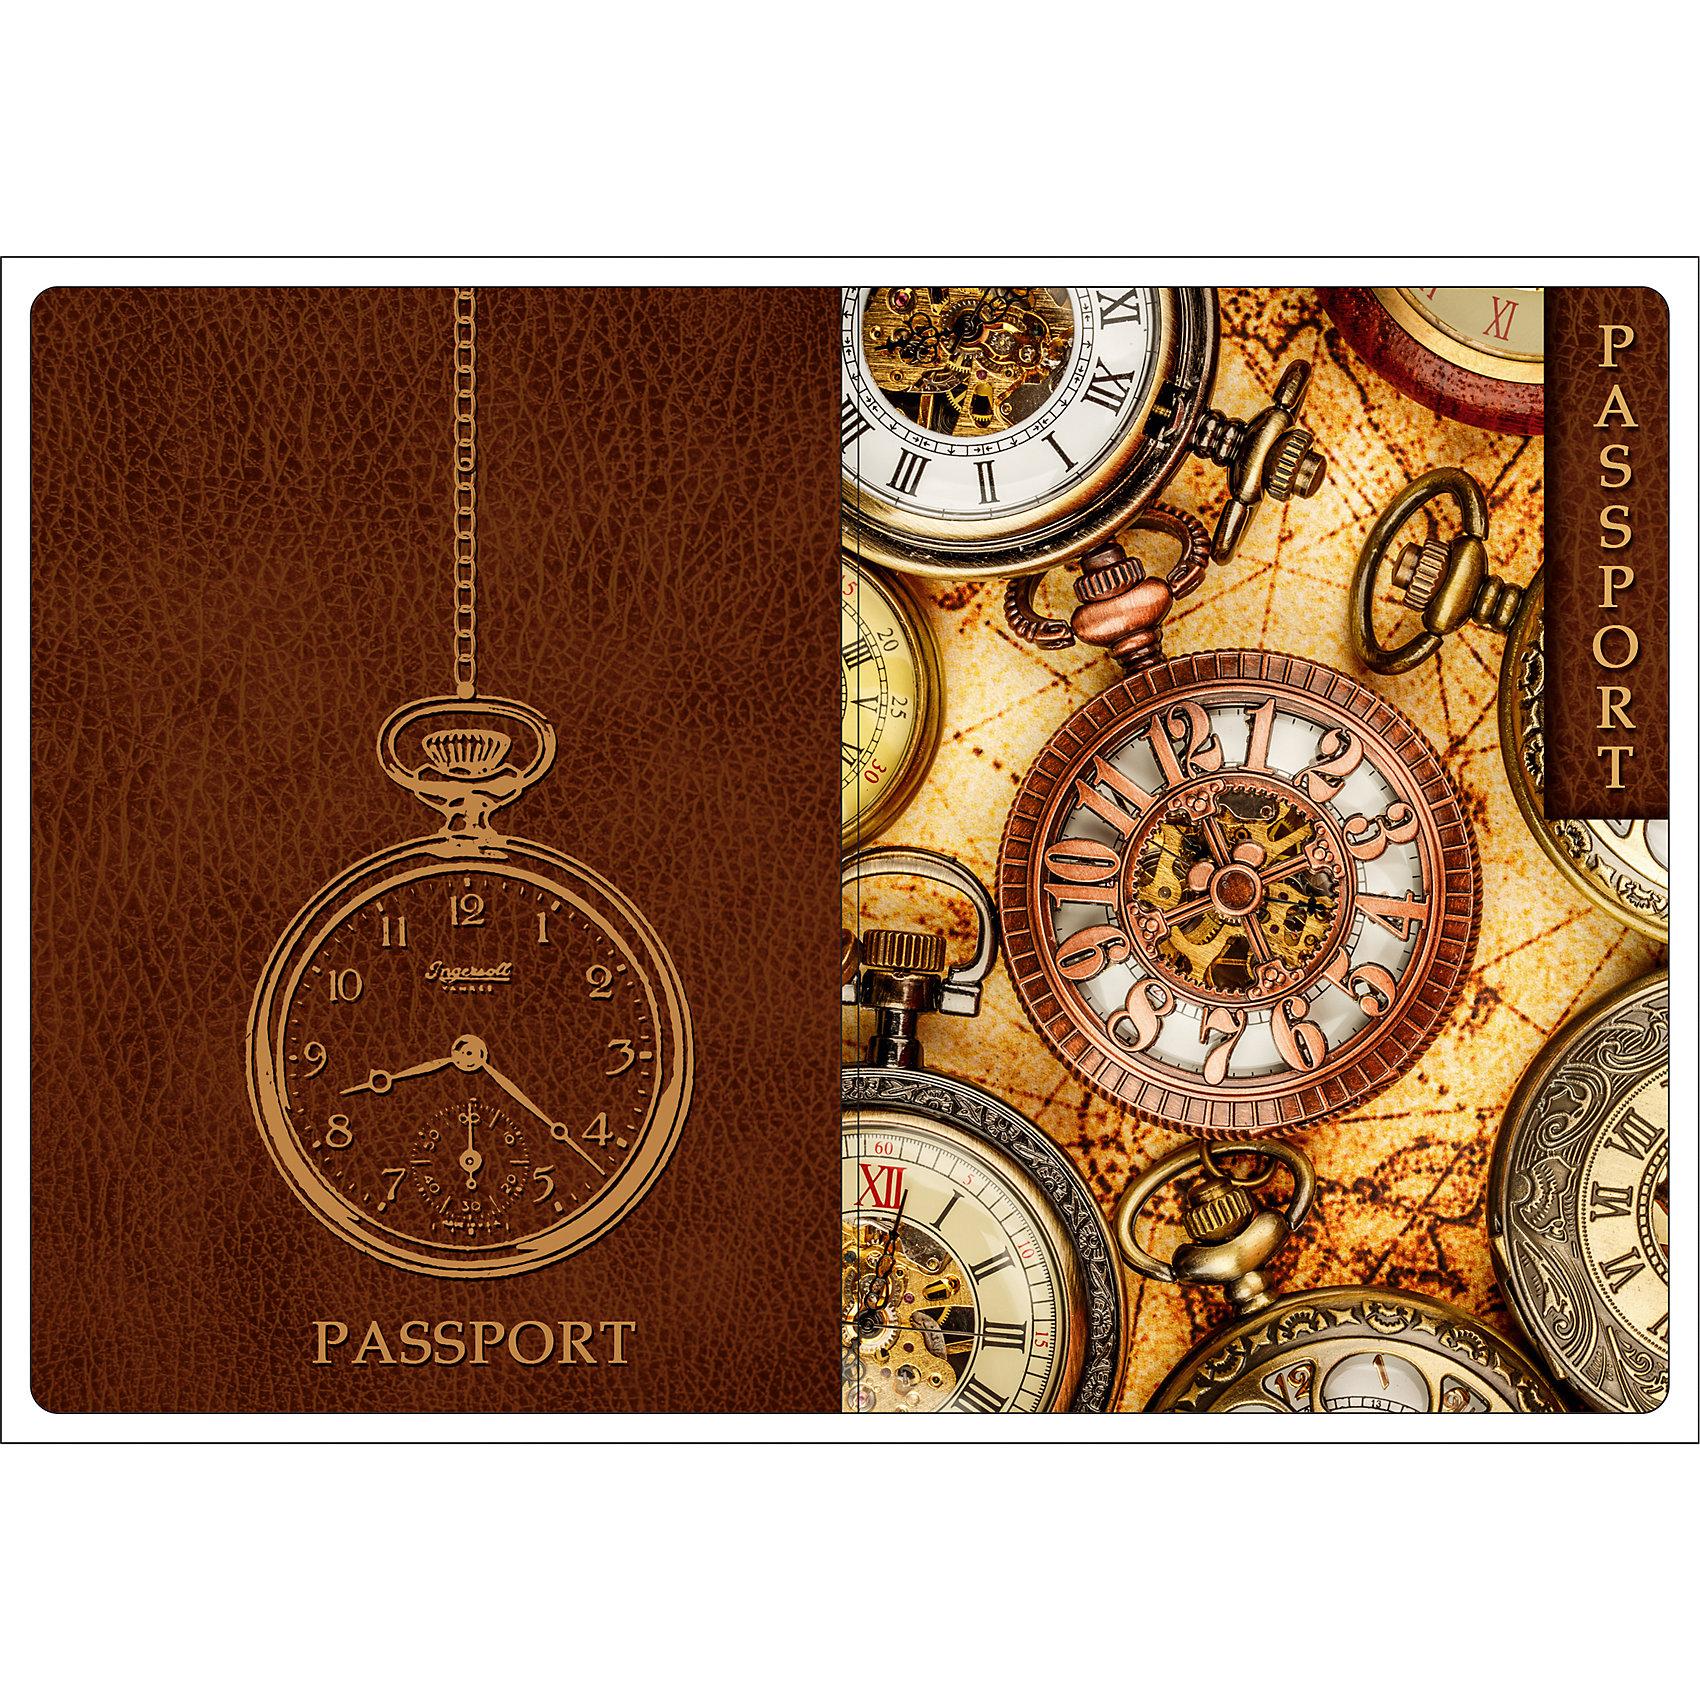 Обложка для паспорта Хронографы, Феникс-ПрезентВ дорогу<br>Обложка для паспорта Хронографы, Феникс-Презент<br><br>Характеристики:<br><br>• оригинальный дизайн<br>• высокая прочность<br>• размер: 13,3х19,1 см<br>• материал: ПВХ<br><br>Оригинальная обложка для паспорта всегда будет радовать вас своей красотой. Кроме того, она подойдет в качестве подарка. Обложка Хронографы изготовлена из качественного прочного ПВХ, устойчивого к износу. На обложке изображены различные часы с хронографами.<br><br>Обложку для паспорта Хронографы, Феникс-Презент вы можете купить в нашем интернет-магазине.<br><br>Ширина мм: 133<br>Глубина мм: 191<br>Высота мм: 50<br>Вес г: 31<br>Возраст от месяцев: 168<br>Возраст до месяцев: 2147483647<br>Пол: Унисекс<br>Возраст: Детский<br>SKU: 5449584